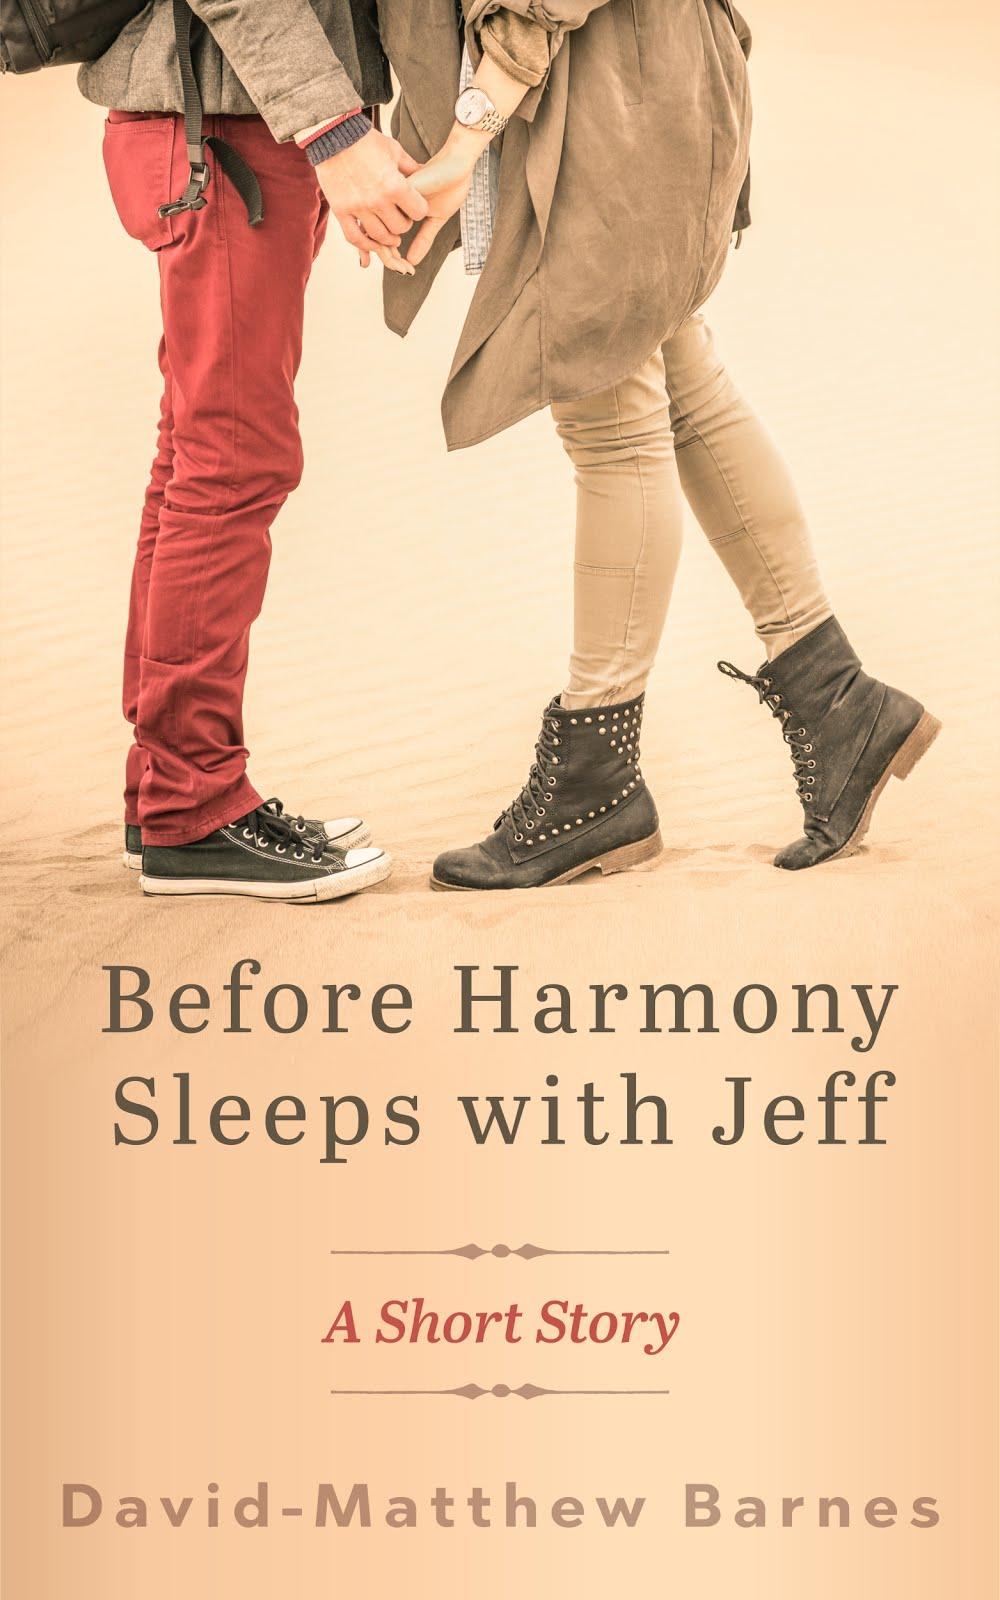 BEFORE HARMONY SLEEPS WITH JEFF